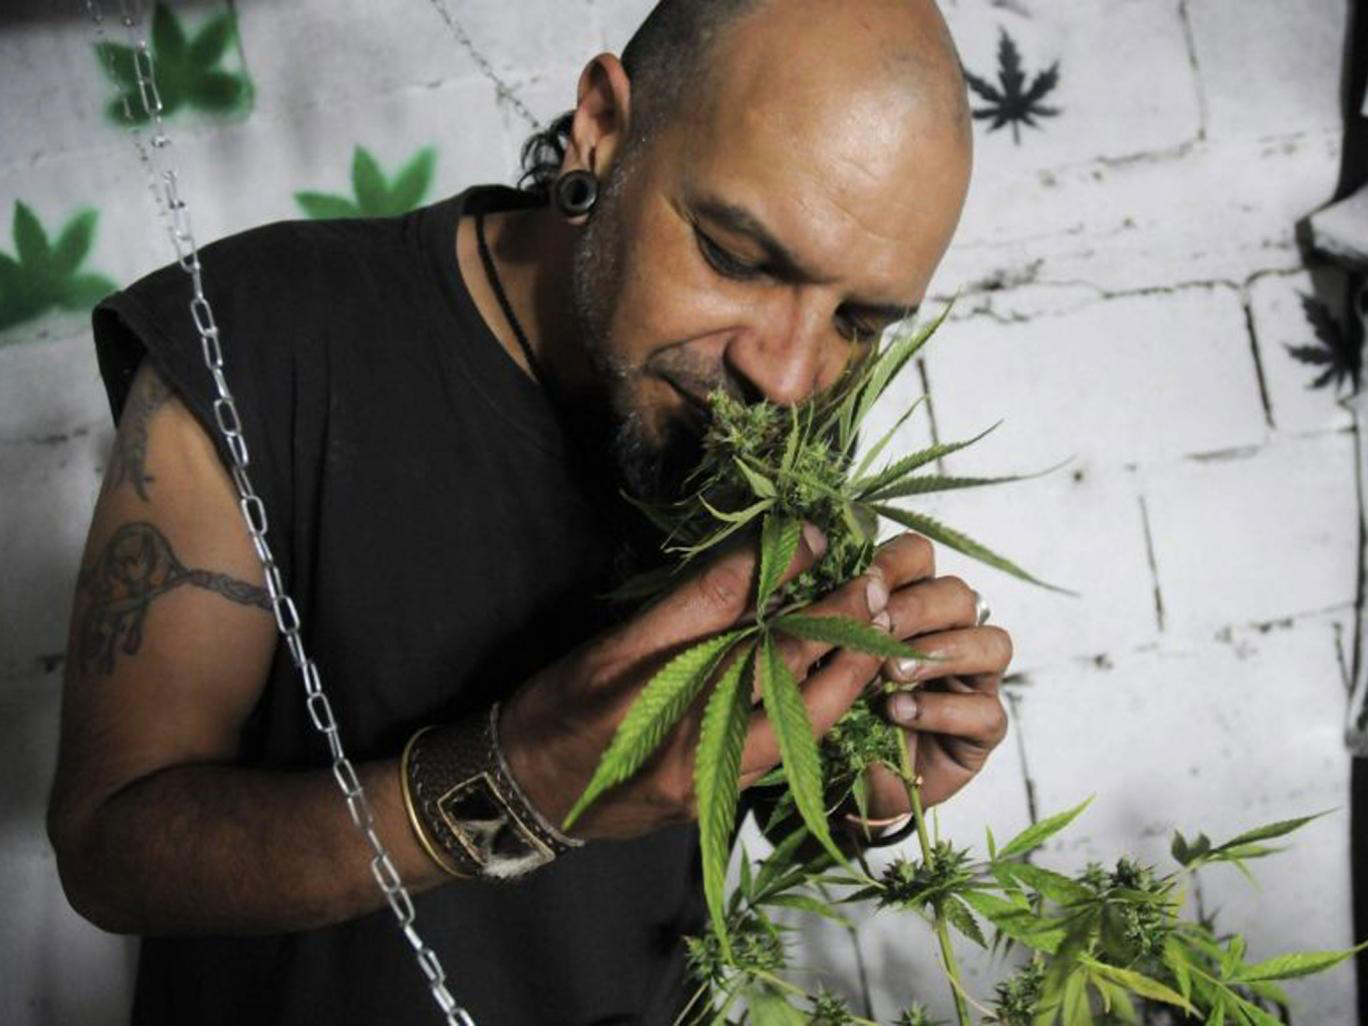 Ароматерапия марихуаны: поговорим о терпенах